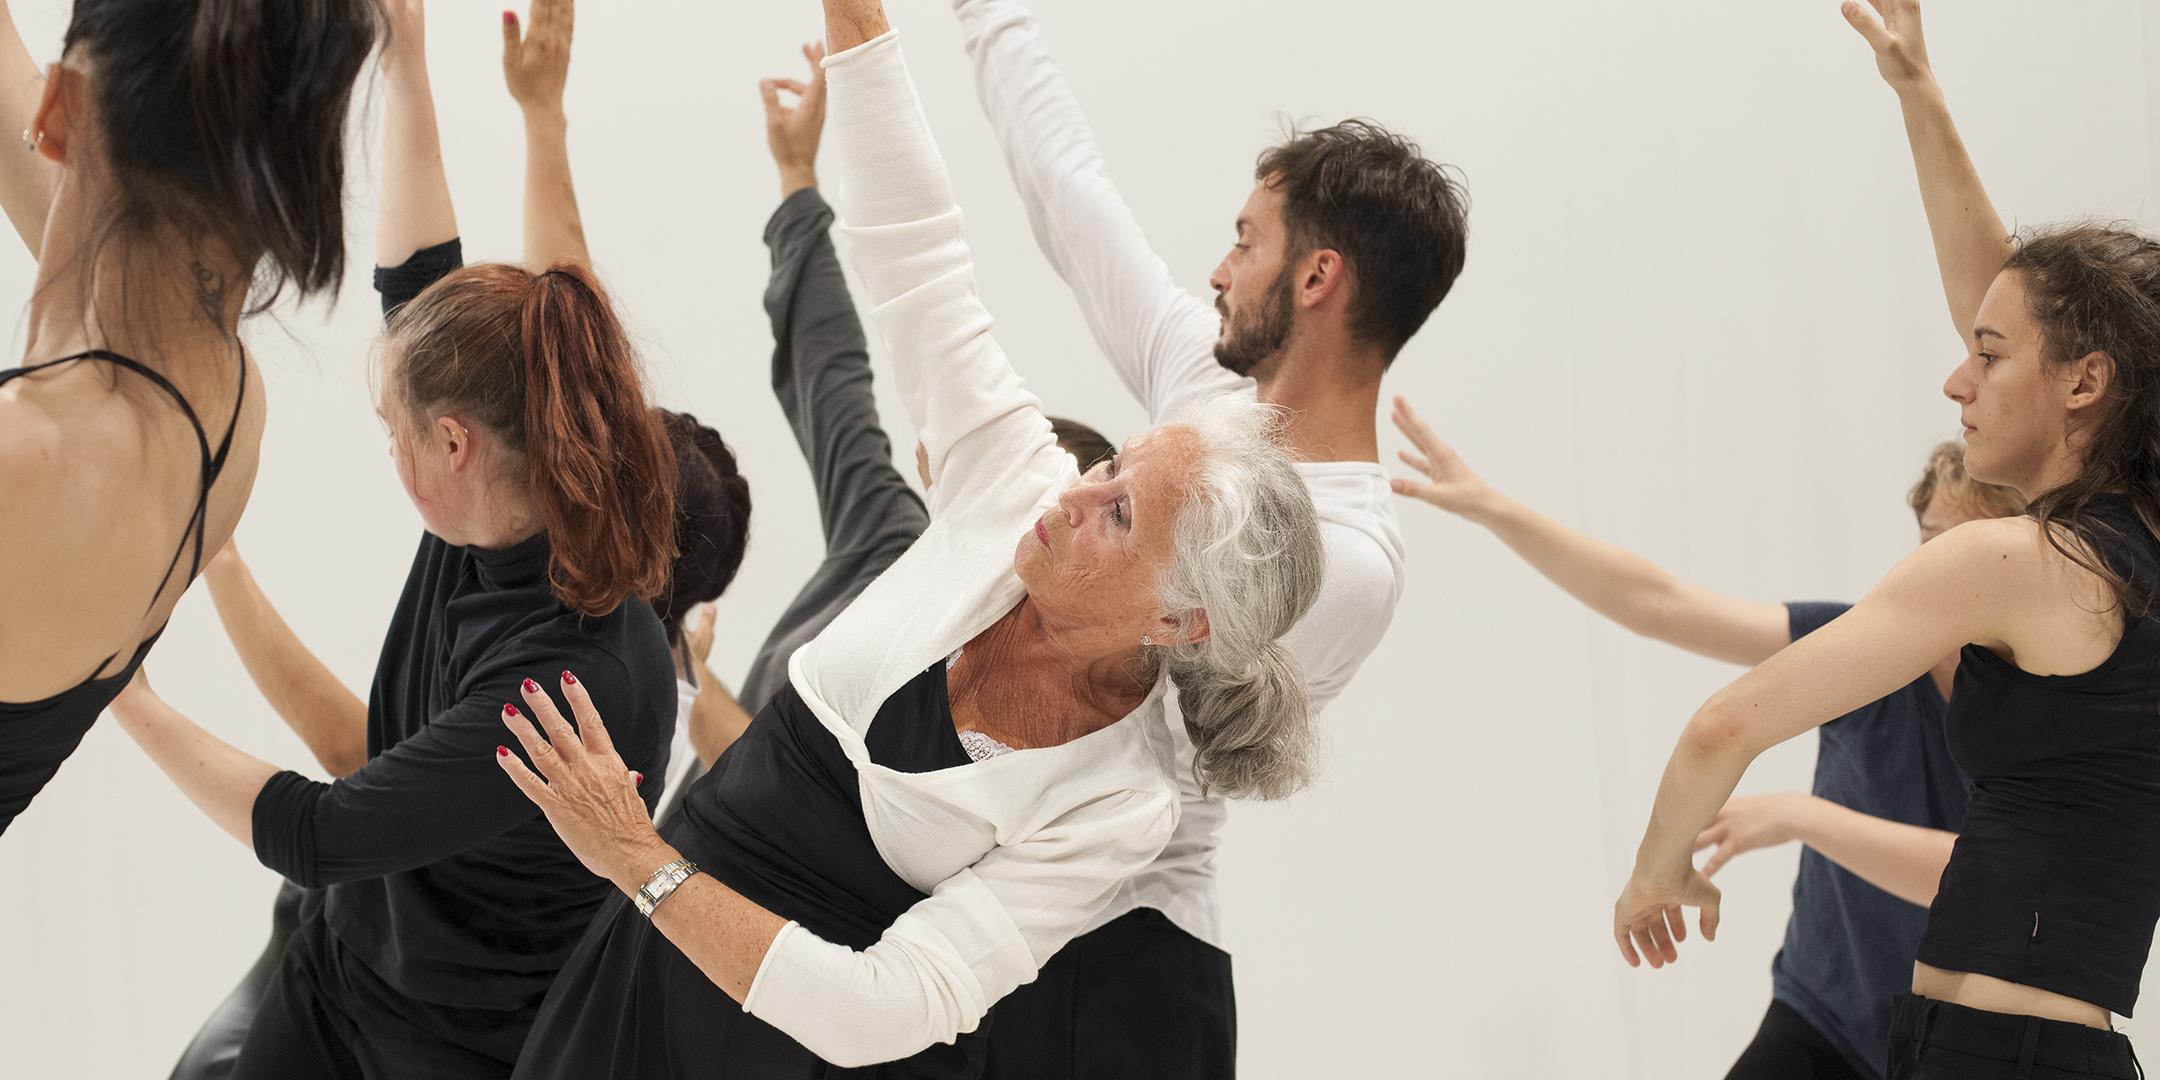 Professionella och icke-professionnella dansare som dansar tillsammans. Foto: Chris Nash